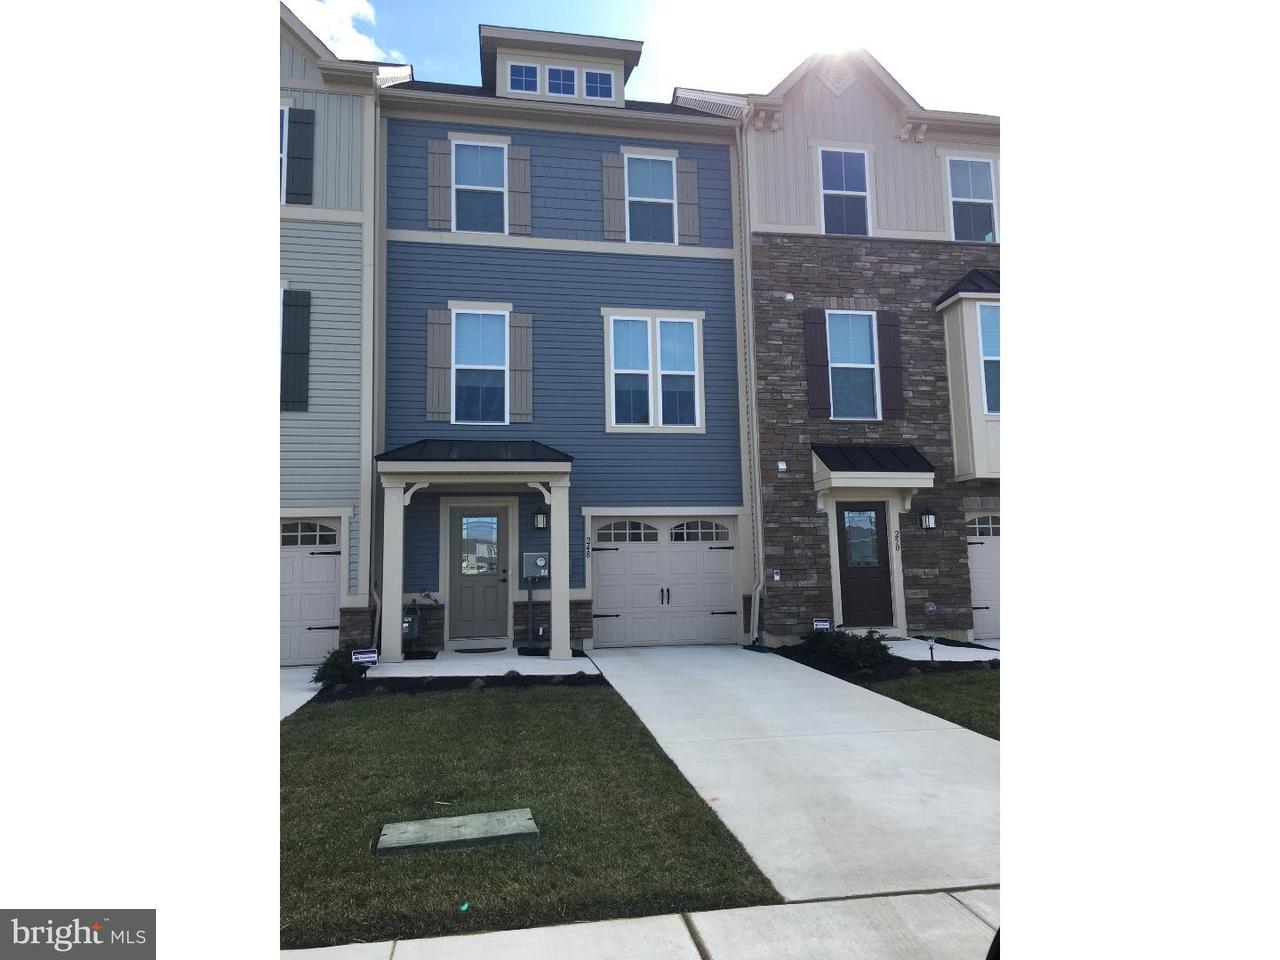 Casa unifamiliar adosada (Townhouse) por un Alquiler en 223 IANNELLI Road Mount Royal, Nueva Jersey 08061 Estados Unidos